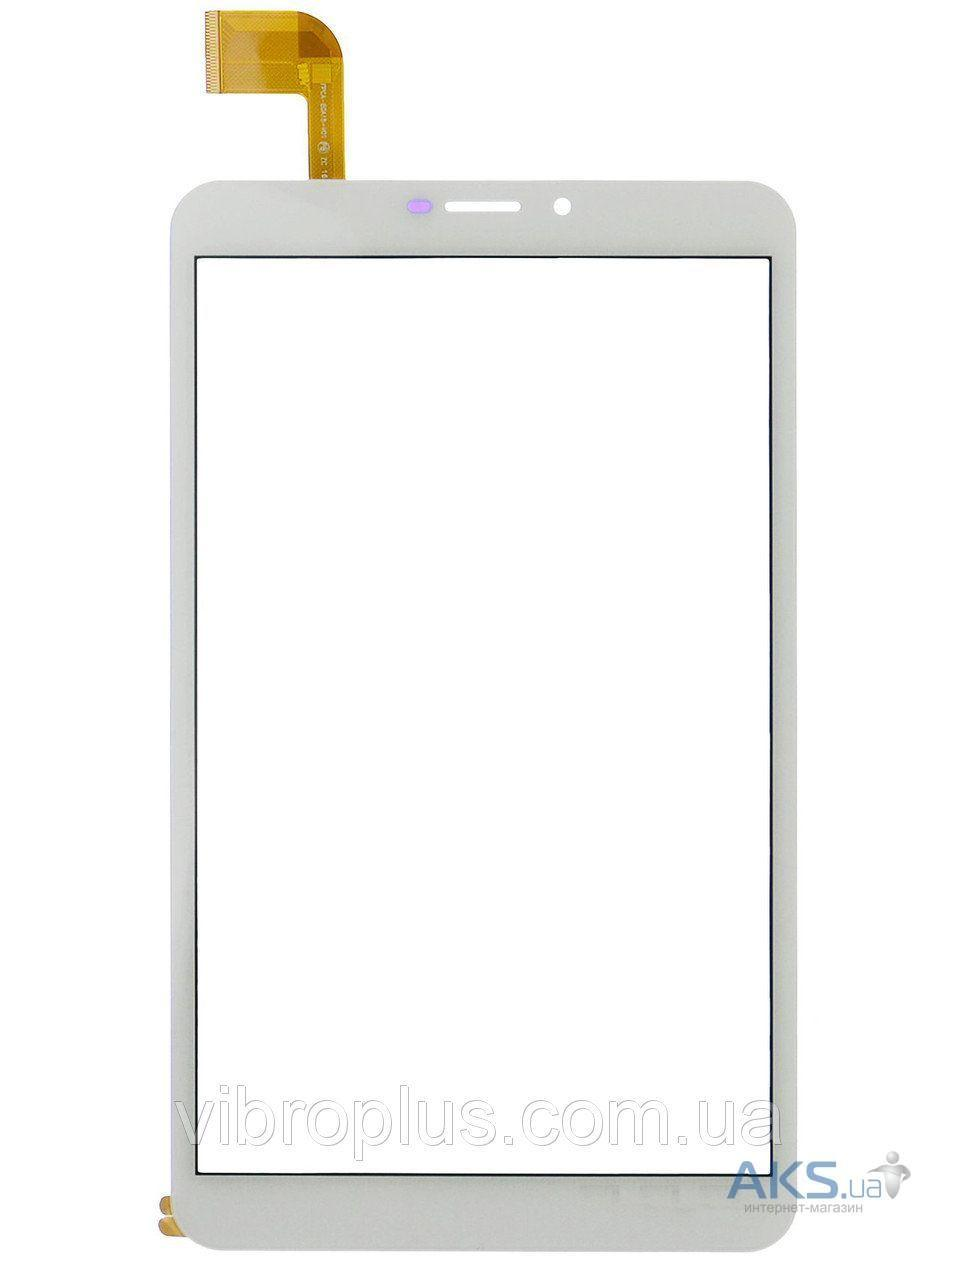 Сенсор (тачскрин) Bravis NB85 3G, Pixus Touch 8 3G, VOYO X7 3G, Prestigio PMT3118 3G (8.0, 203x120, 51pin, #FPCA-80A15-V01, HK80DR2840,